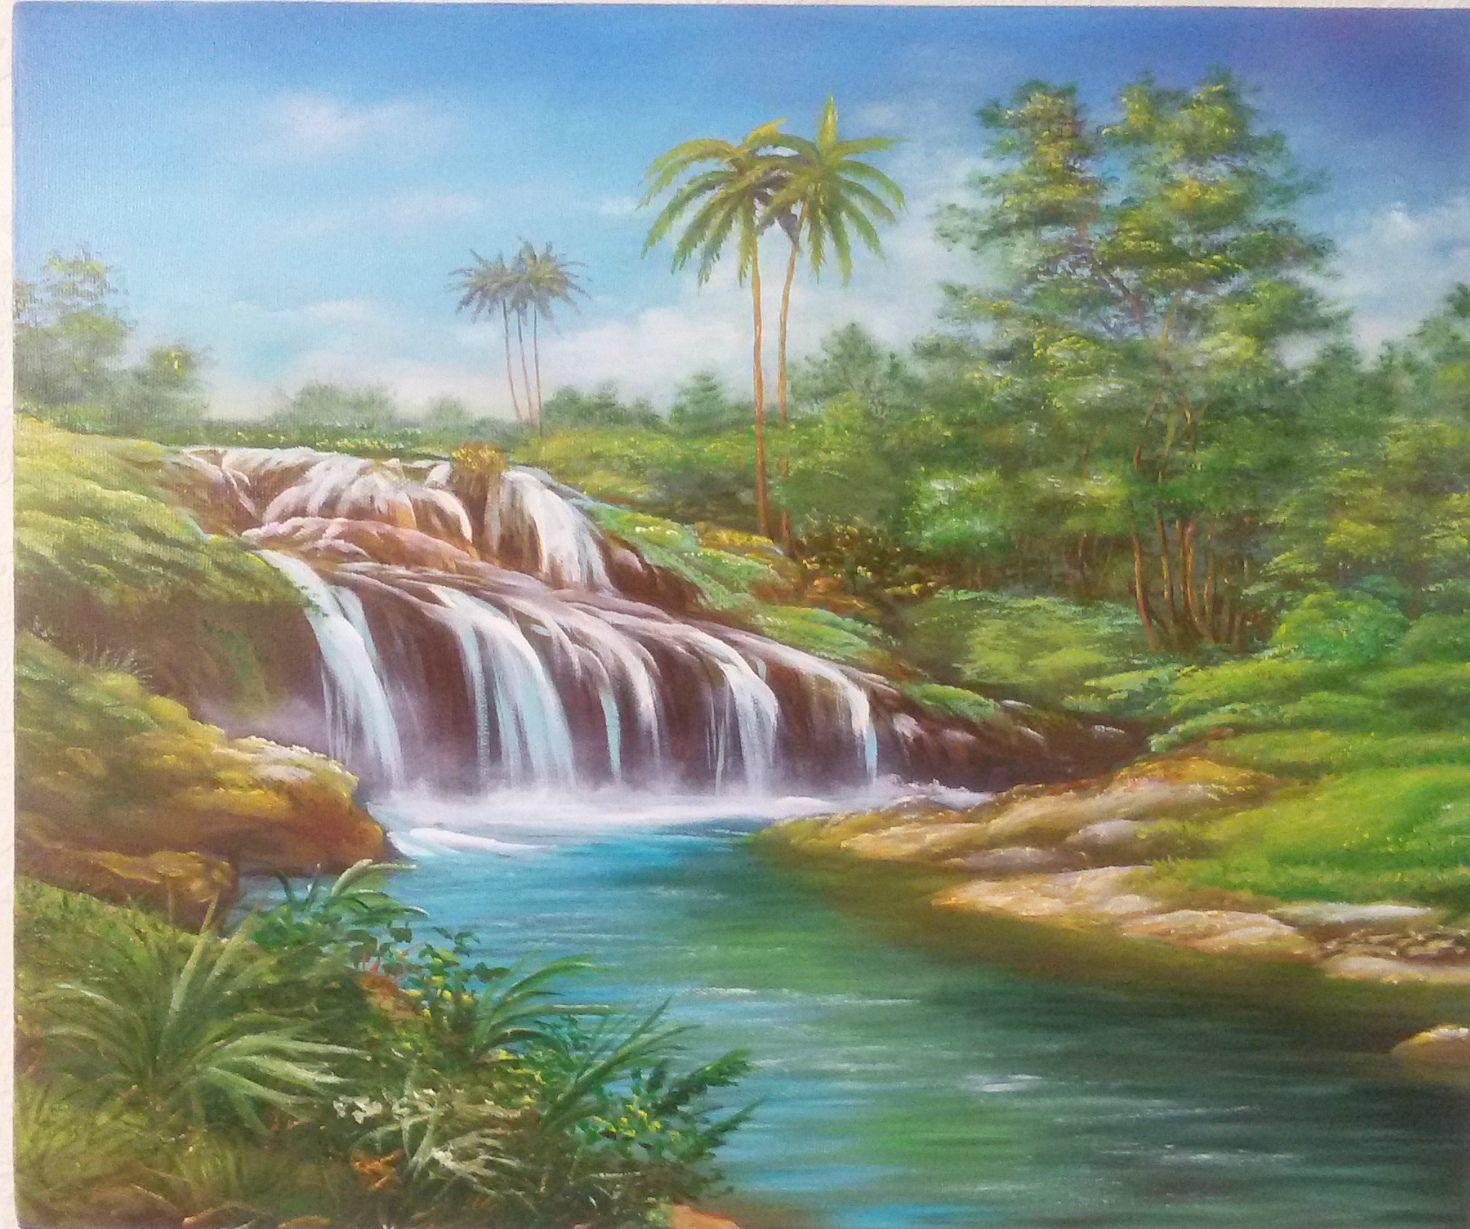 картинынахолсте пейзаж живопись картины природа художники